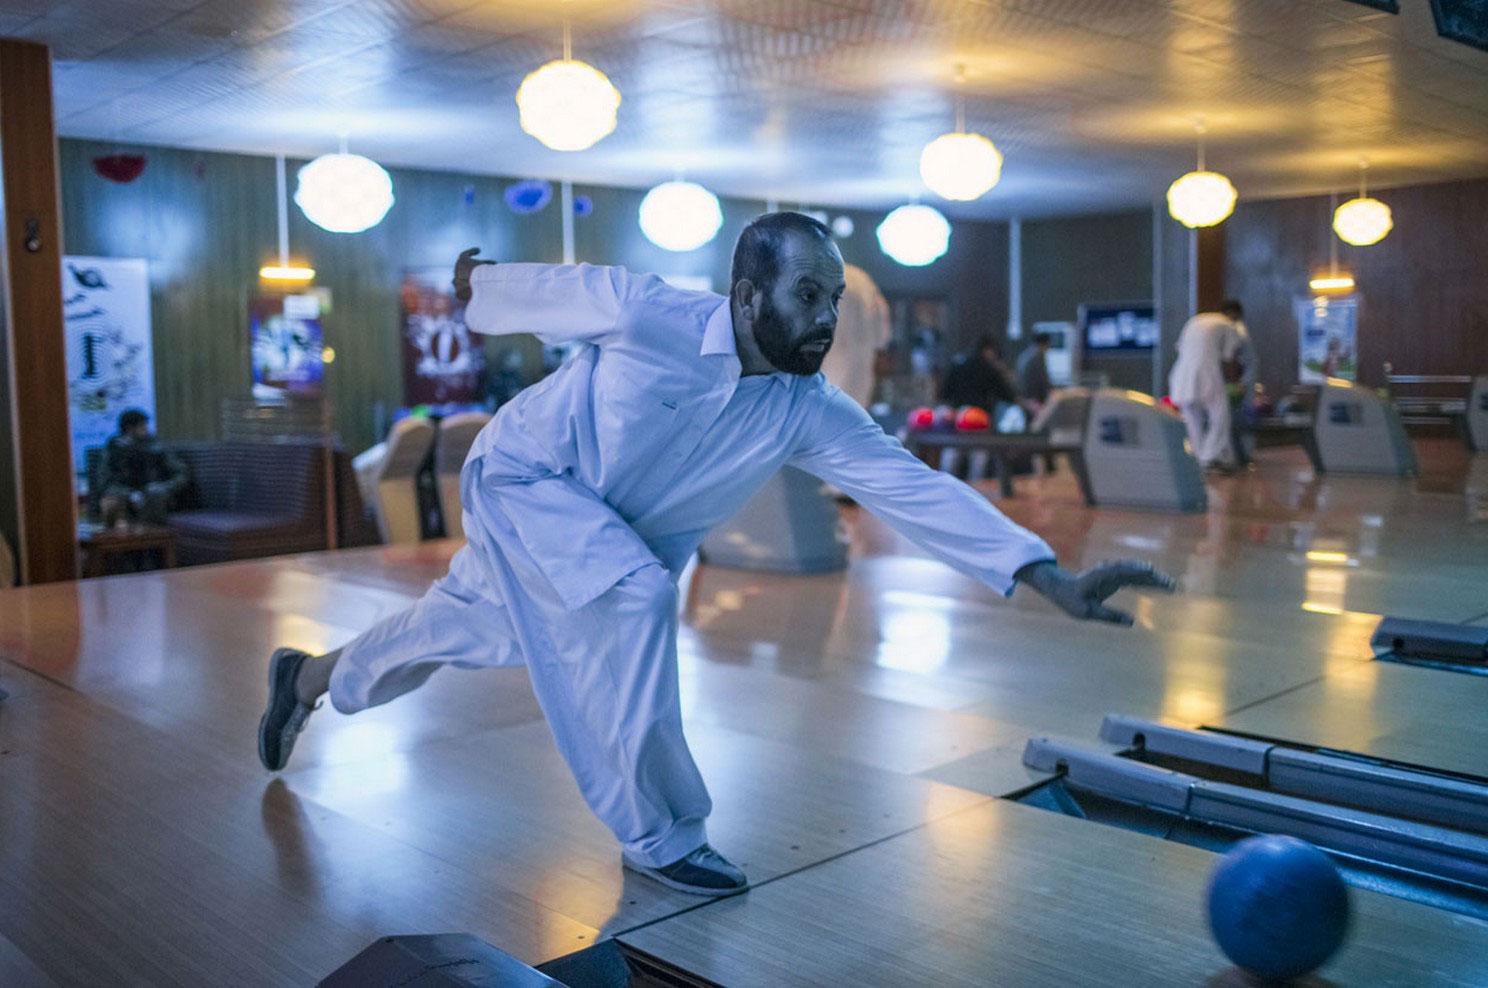 Афганец играет в боулинг, фото